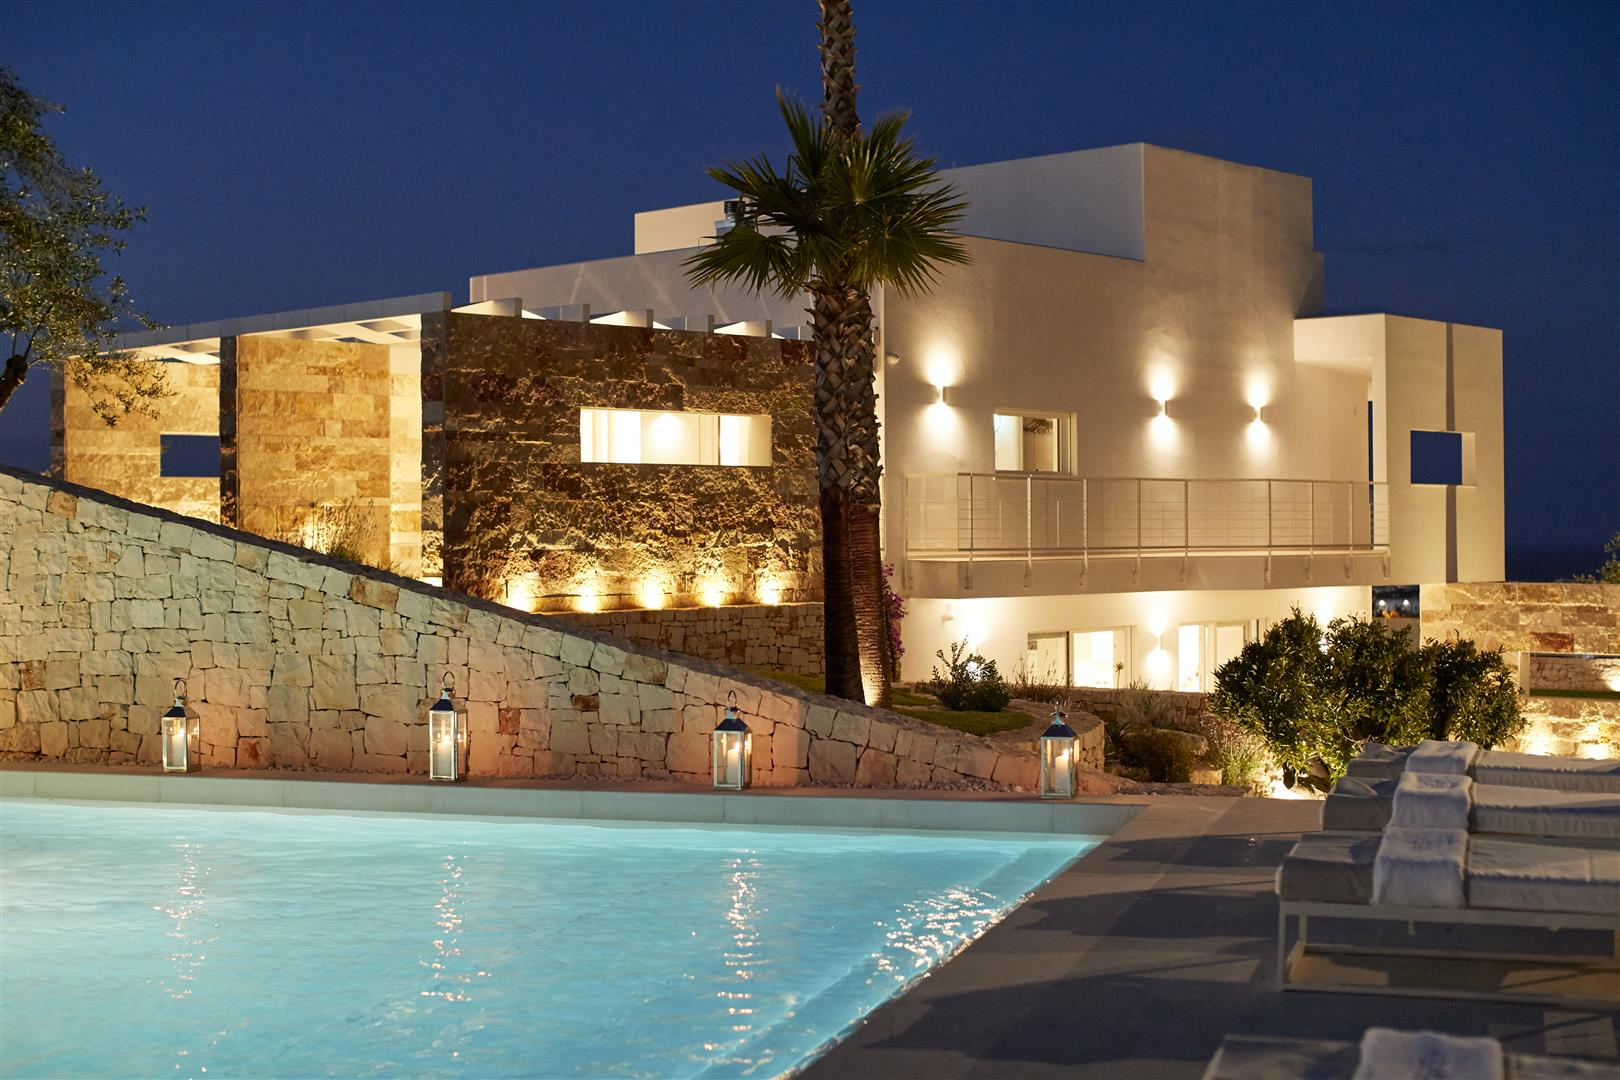 Luxury 3 bedroom villa with pool near Polignano al Mare